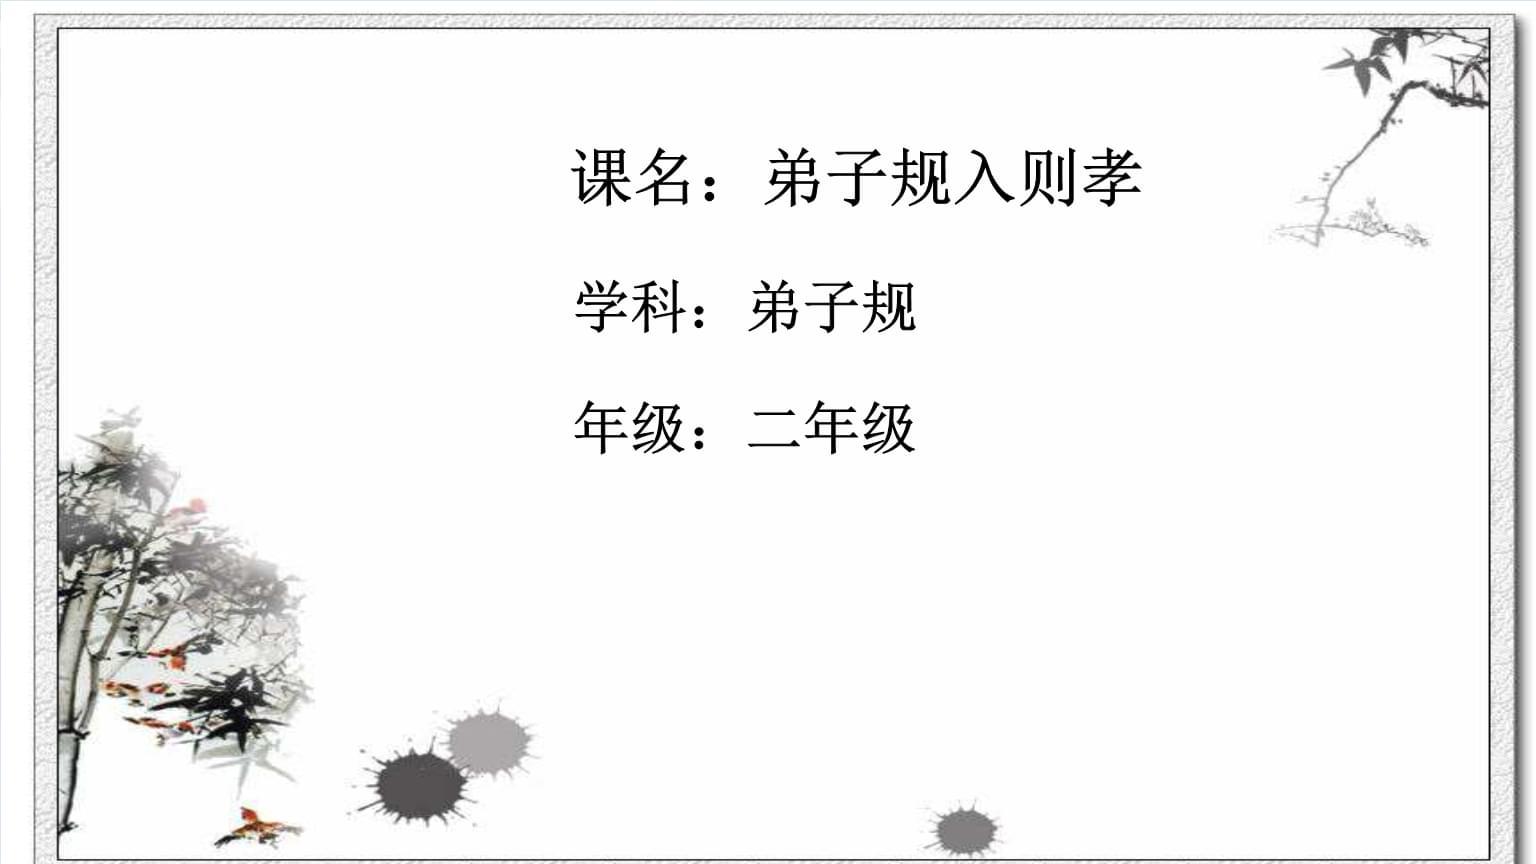 小学综合实践活动《会服务活动  7.我是尊老敬老好少年》优质课件_2.pptx